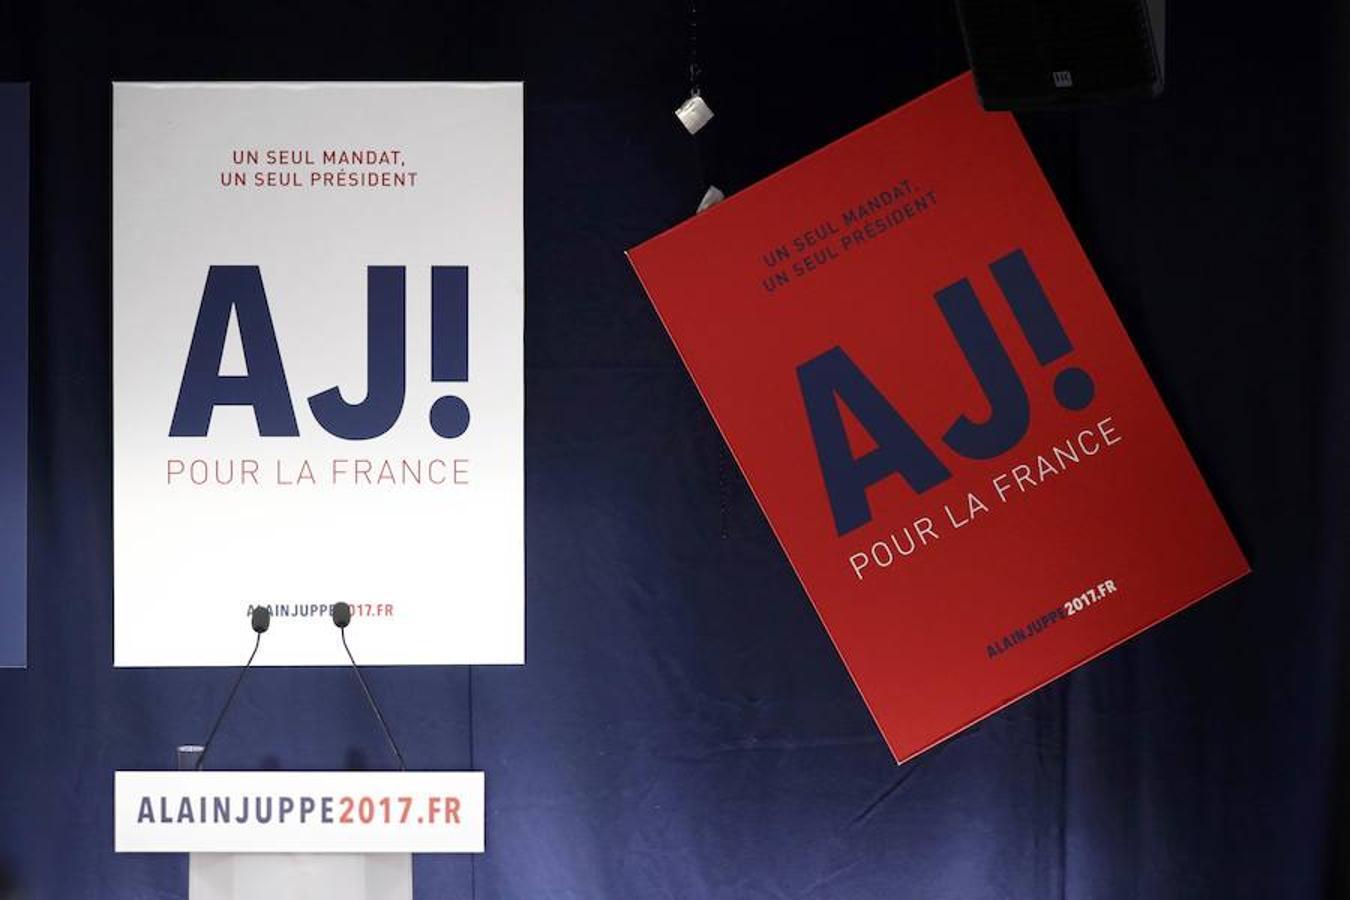 Carteles de apoyo al candidato a liderar la derecha francesa Alain Juppé.